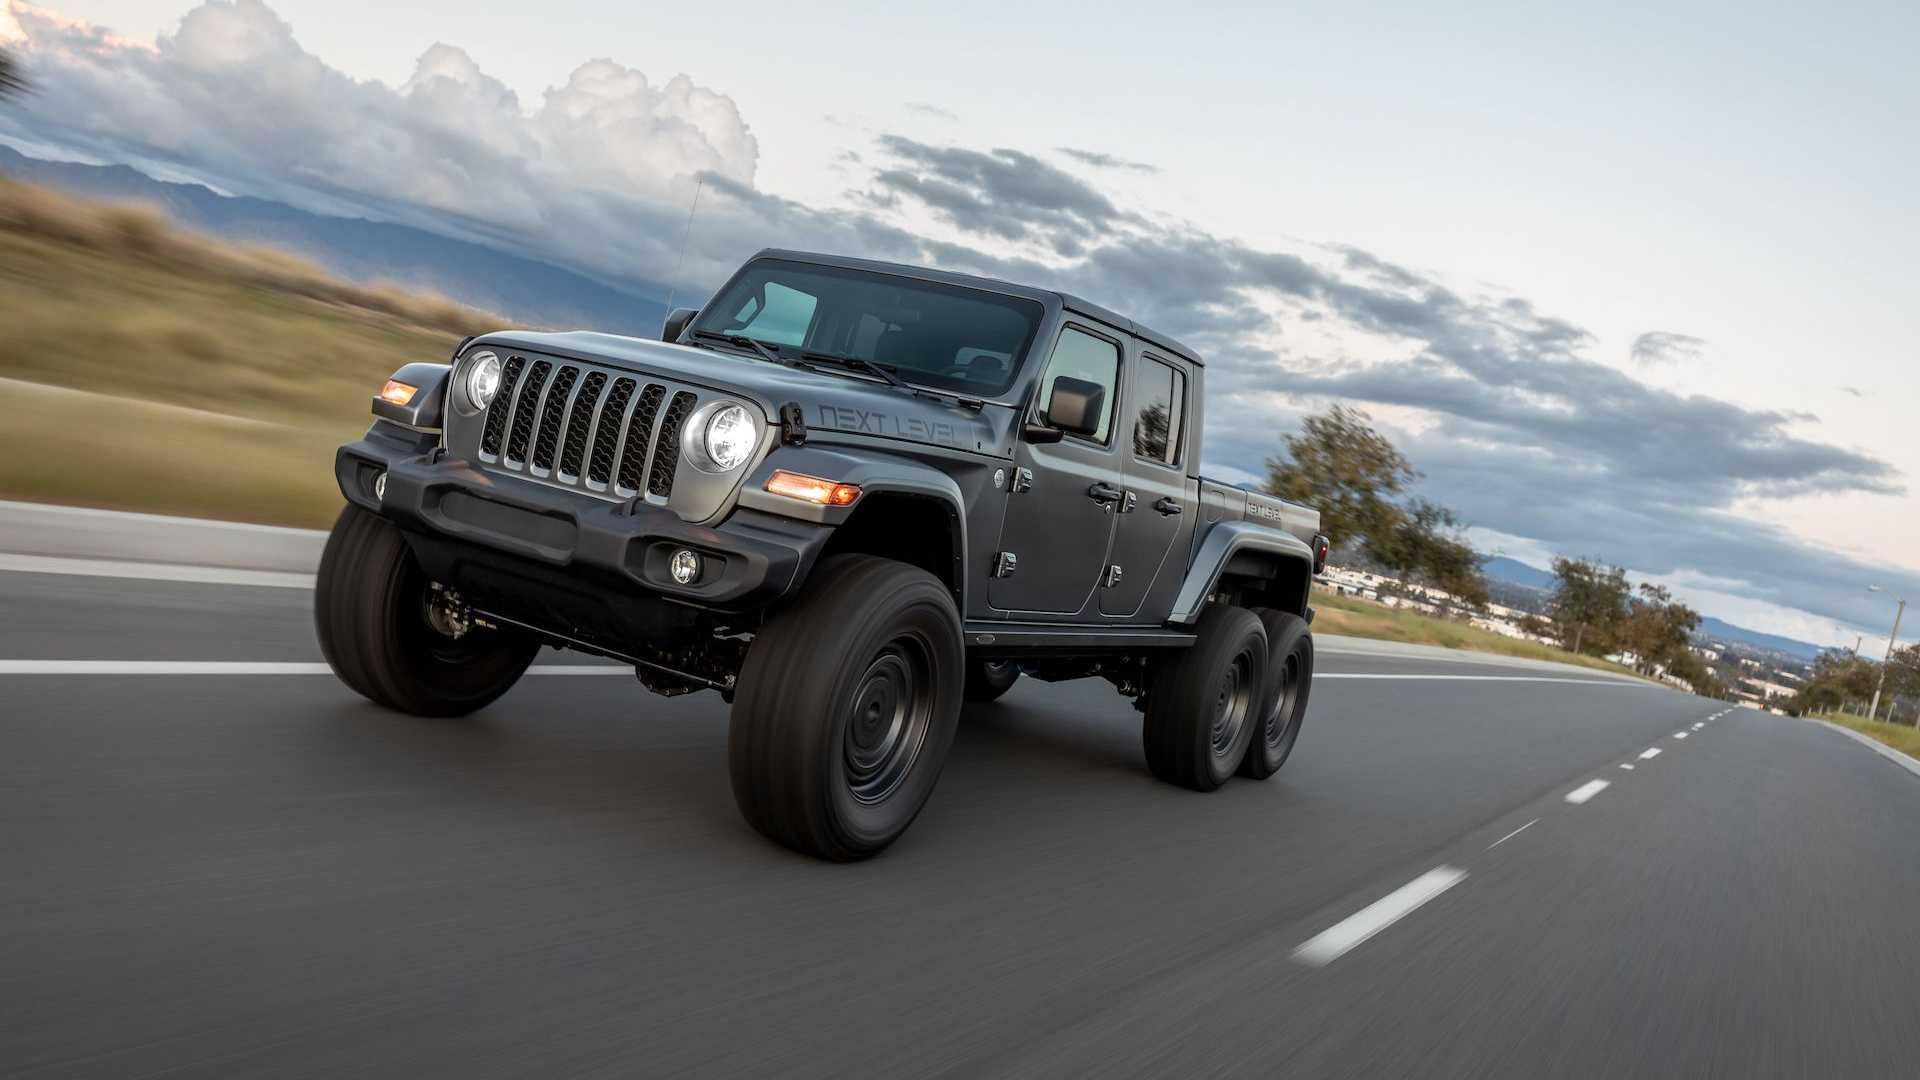 Jeep-Gladiator-6x6-by-Next-Level-1